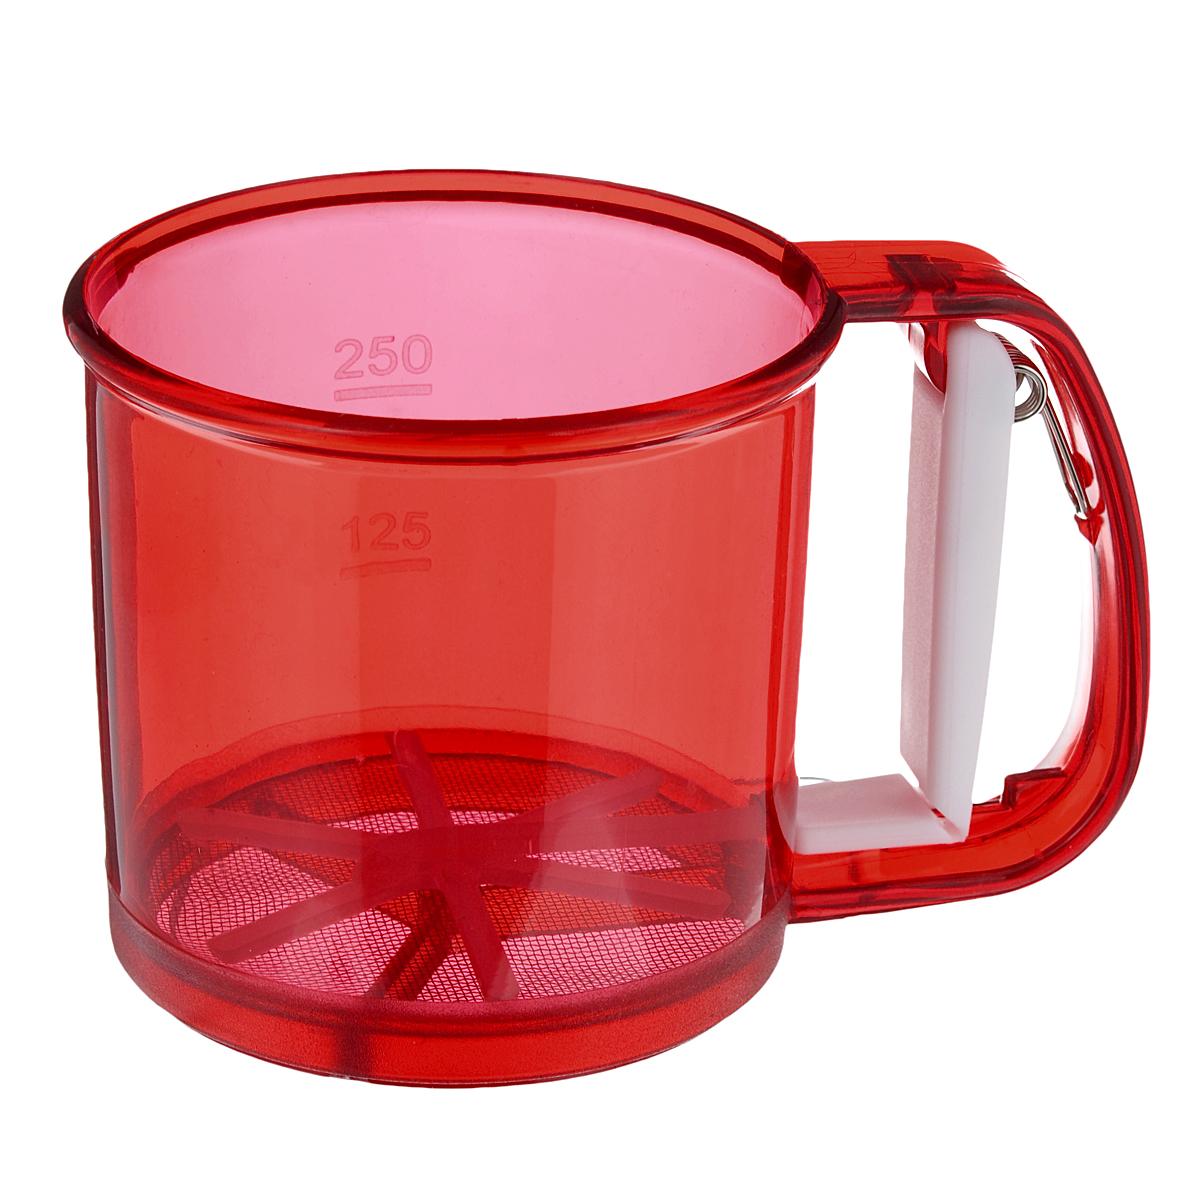 Кружка-сито Аква, цвет: красный, 250 г831-034Кружка-сито Аква изготовлена из высококачественного пластика и нержавеющей стали. Удобный механизм с рычагом на ручке позволяет быстро и эффективно просеивать муку. Кружка-сито Аква станет достойным дополнением к коллекции кухонных аксессуаров. Диаметр (по верхнему краю): 10,5 см. Высота: 9,5 см. Объем: 250 г.